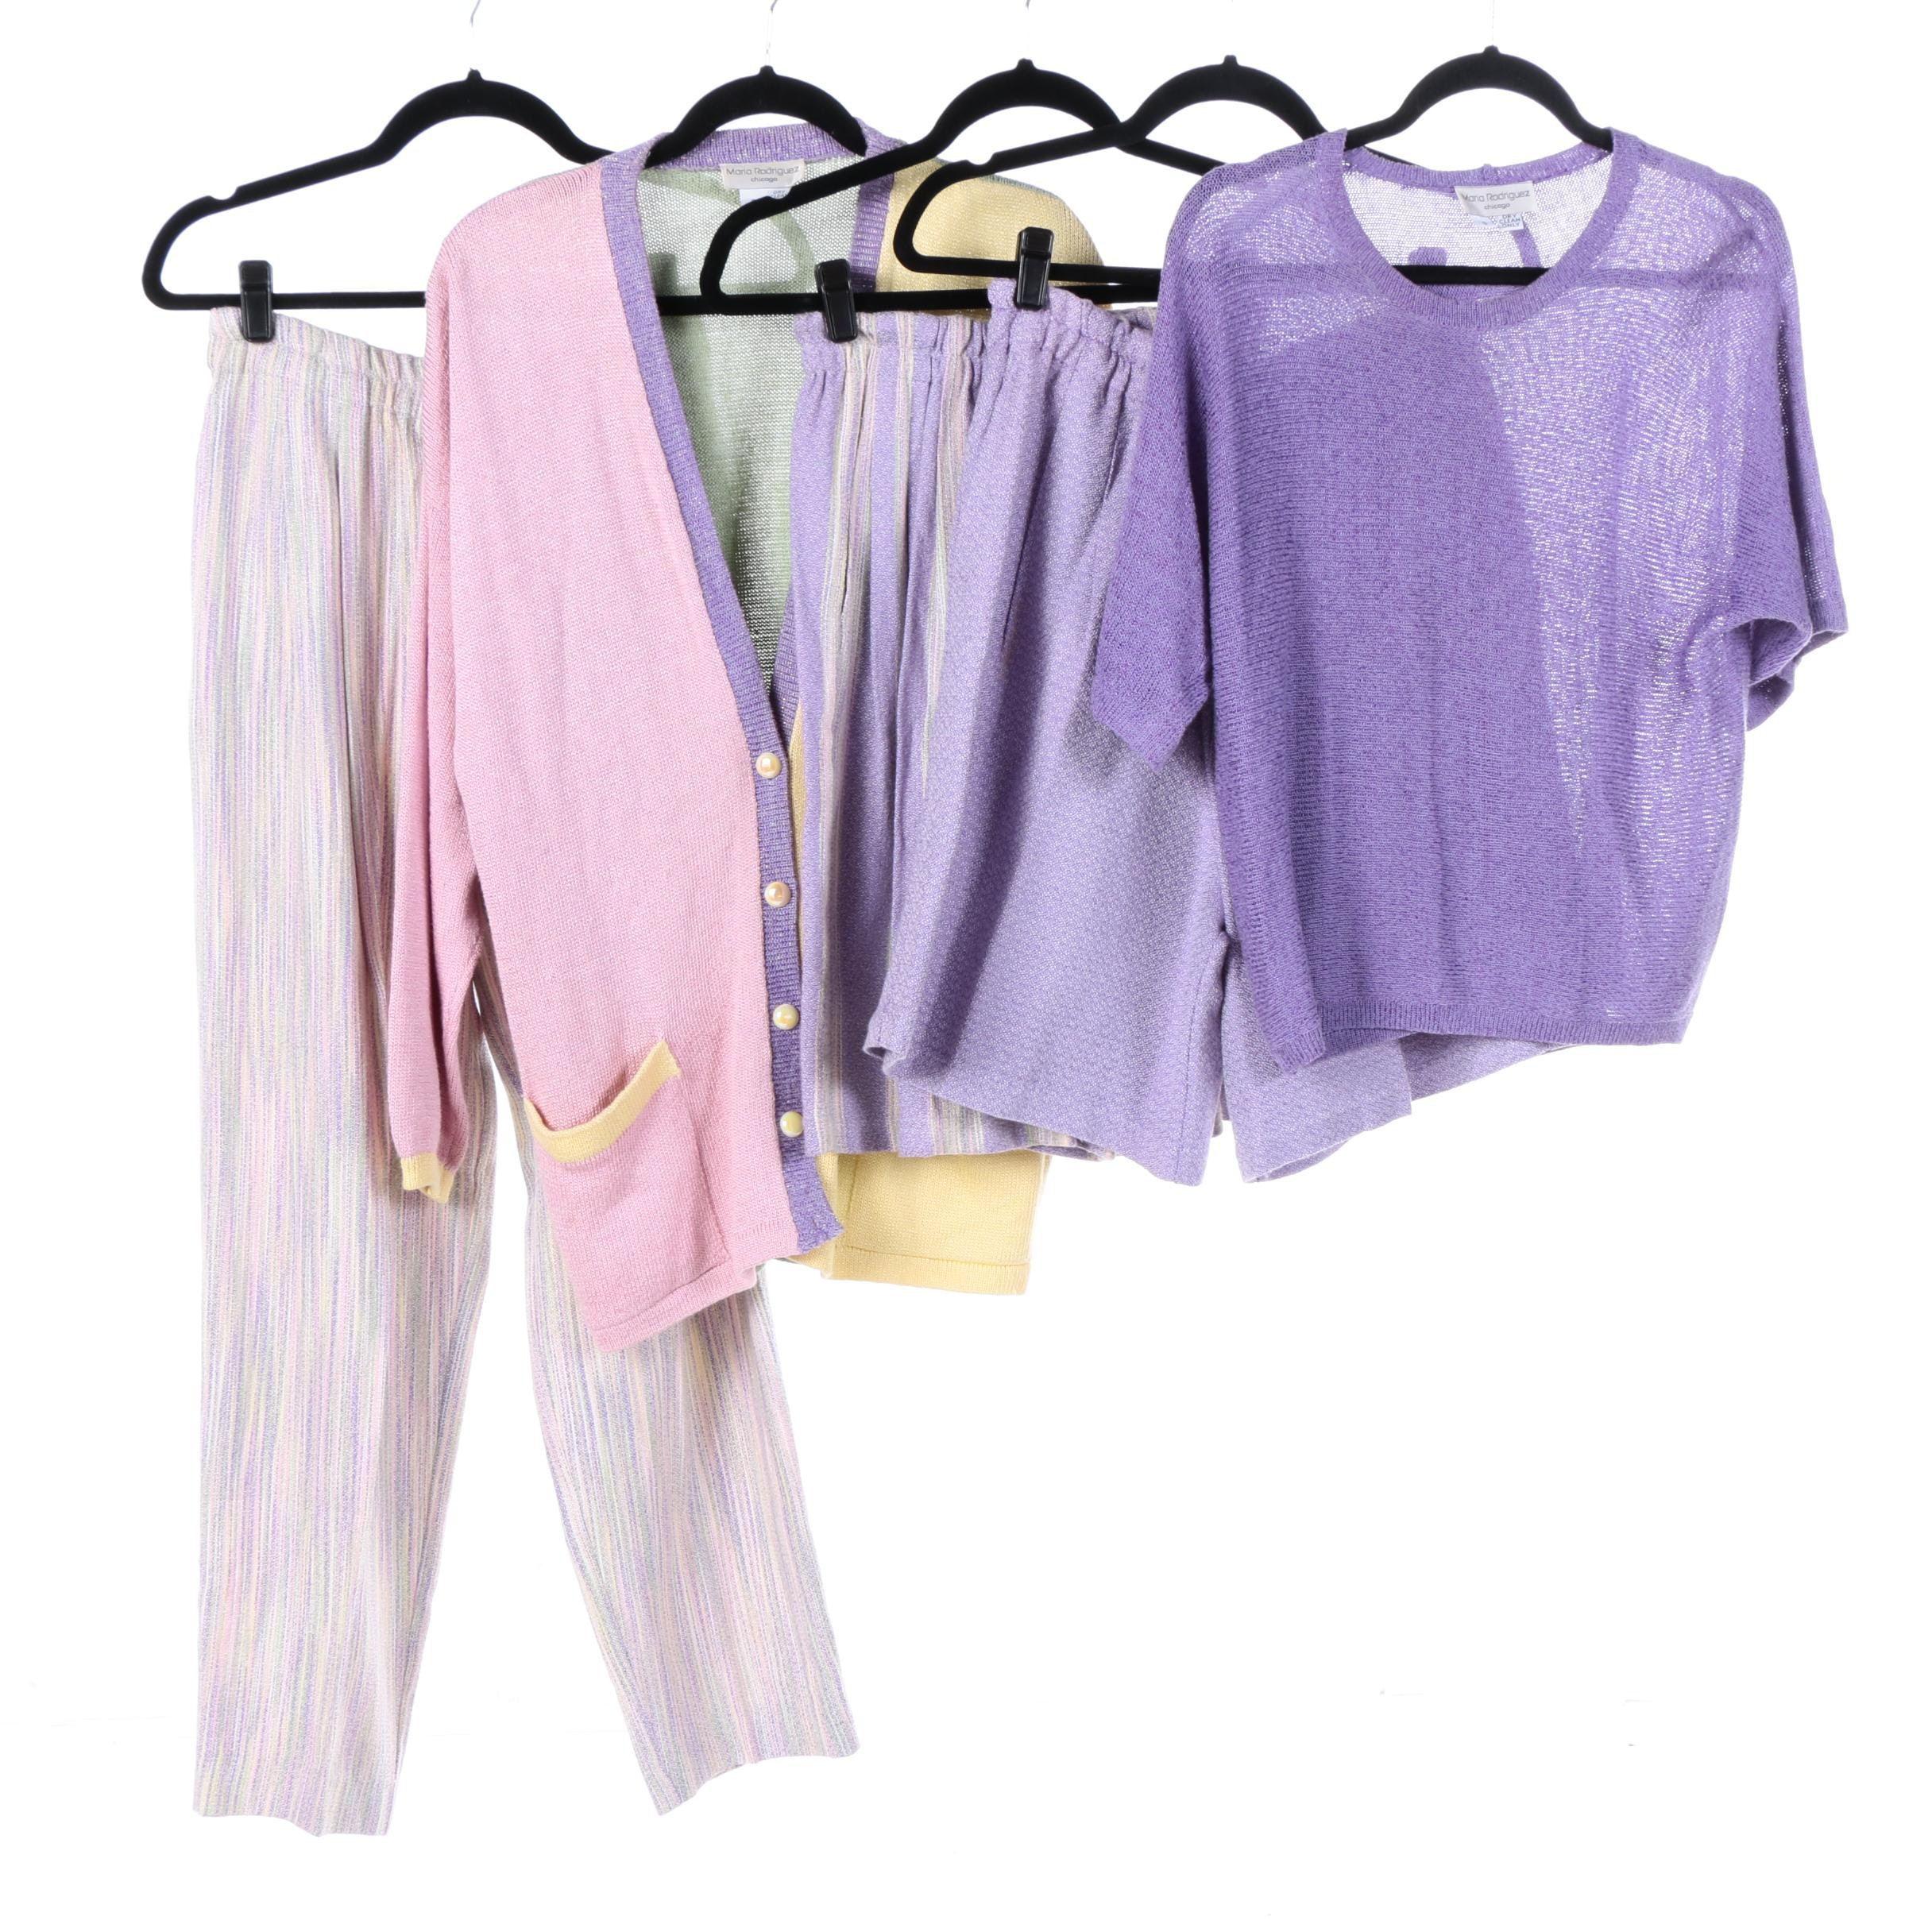 Maria Rodriguez Vintage Clothing